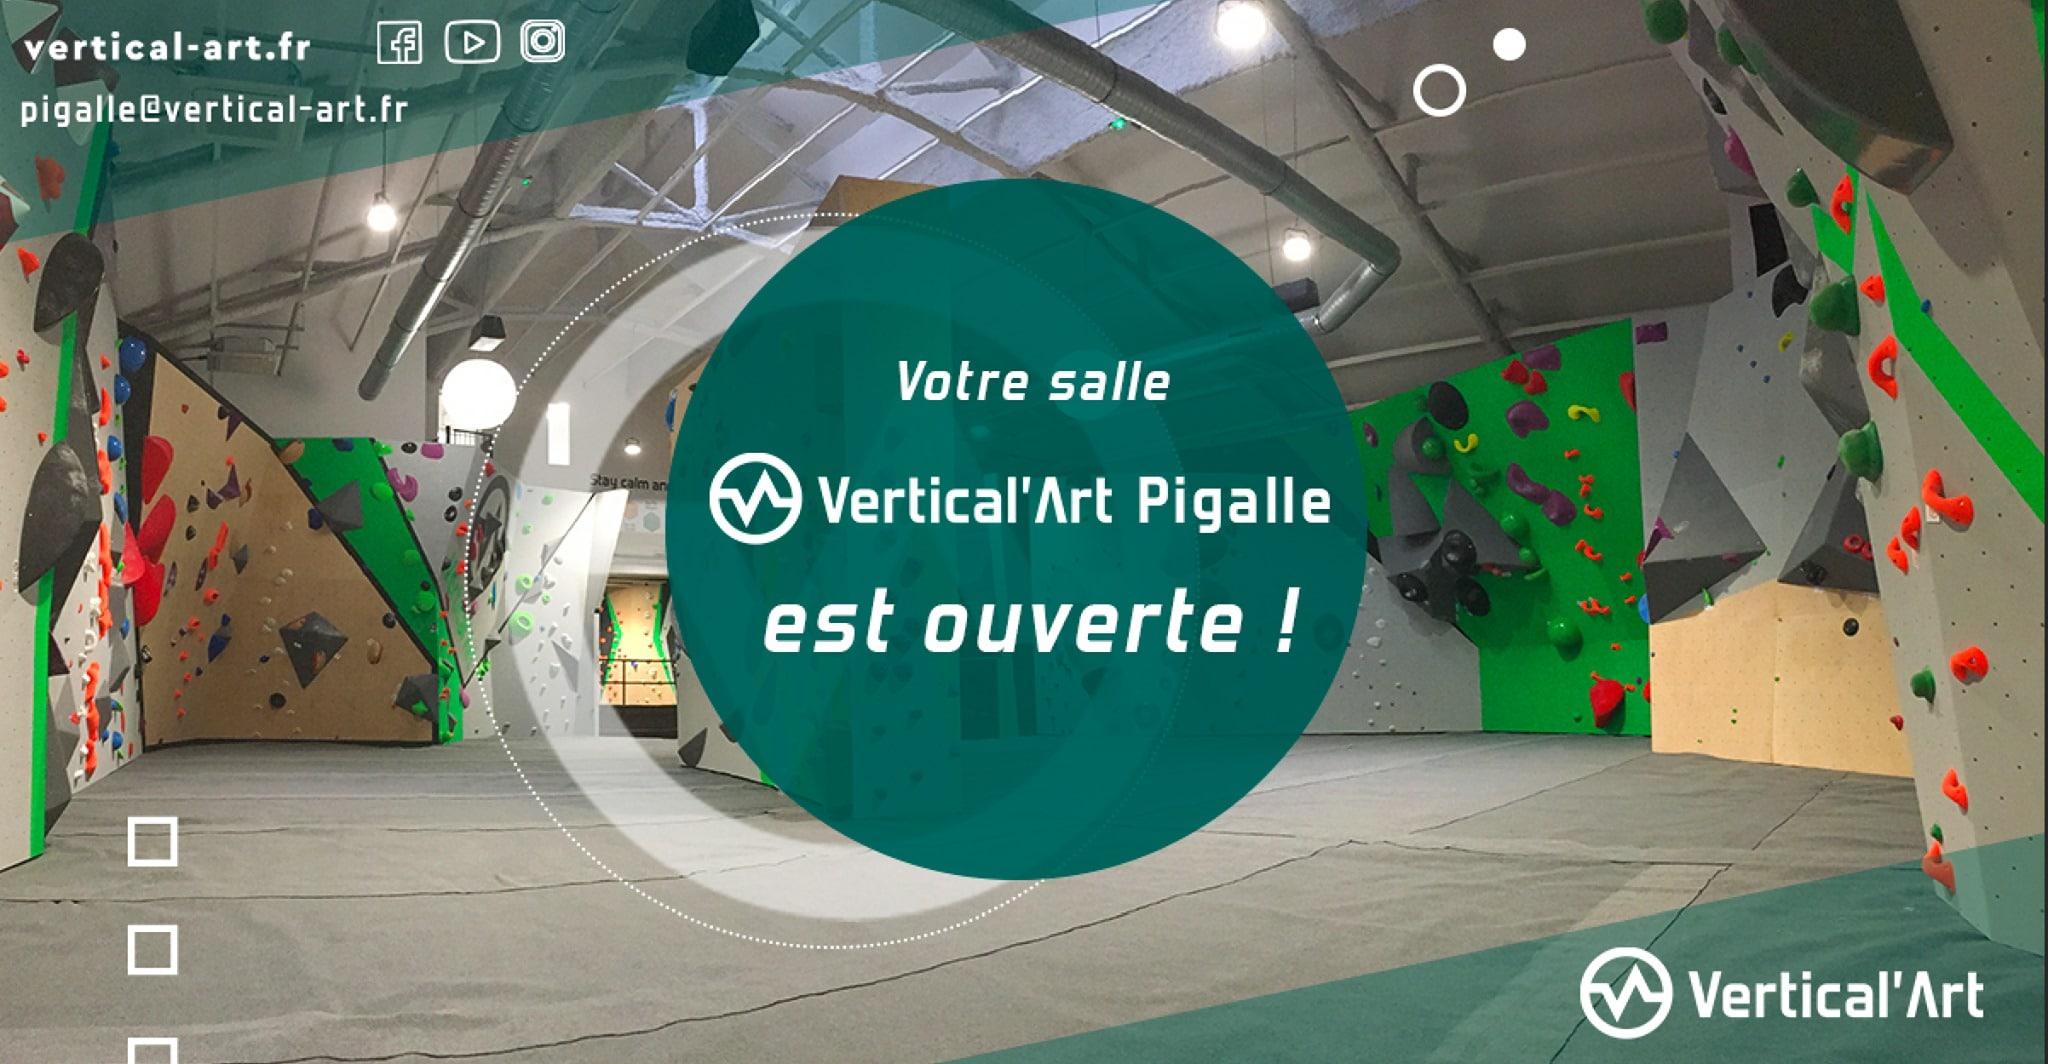 votre salle d'escalade de bloc Vertical'Art Pigalle est ouverte - à paris 18 eme- restaurant et bar - escalade - ouverture - lets go - cour d'escalade - ouvert à tout public